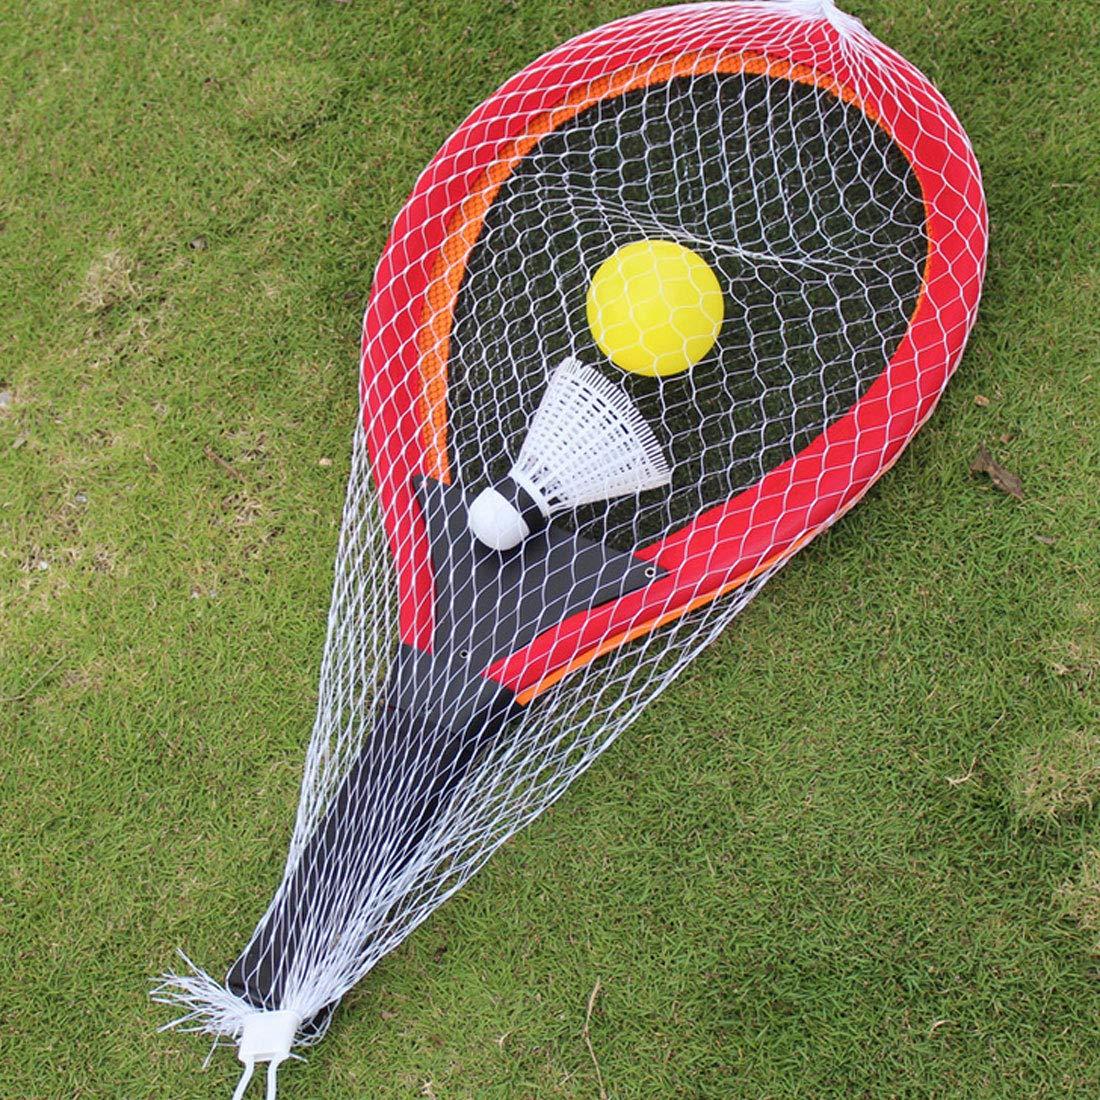 NoyoKere Badminton Tennis Raquette Set Sports de Plein air Parent-Enfant Sport Jouets /éducatifs B/éb/é Sport Rouge